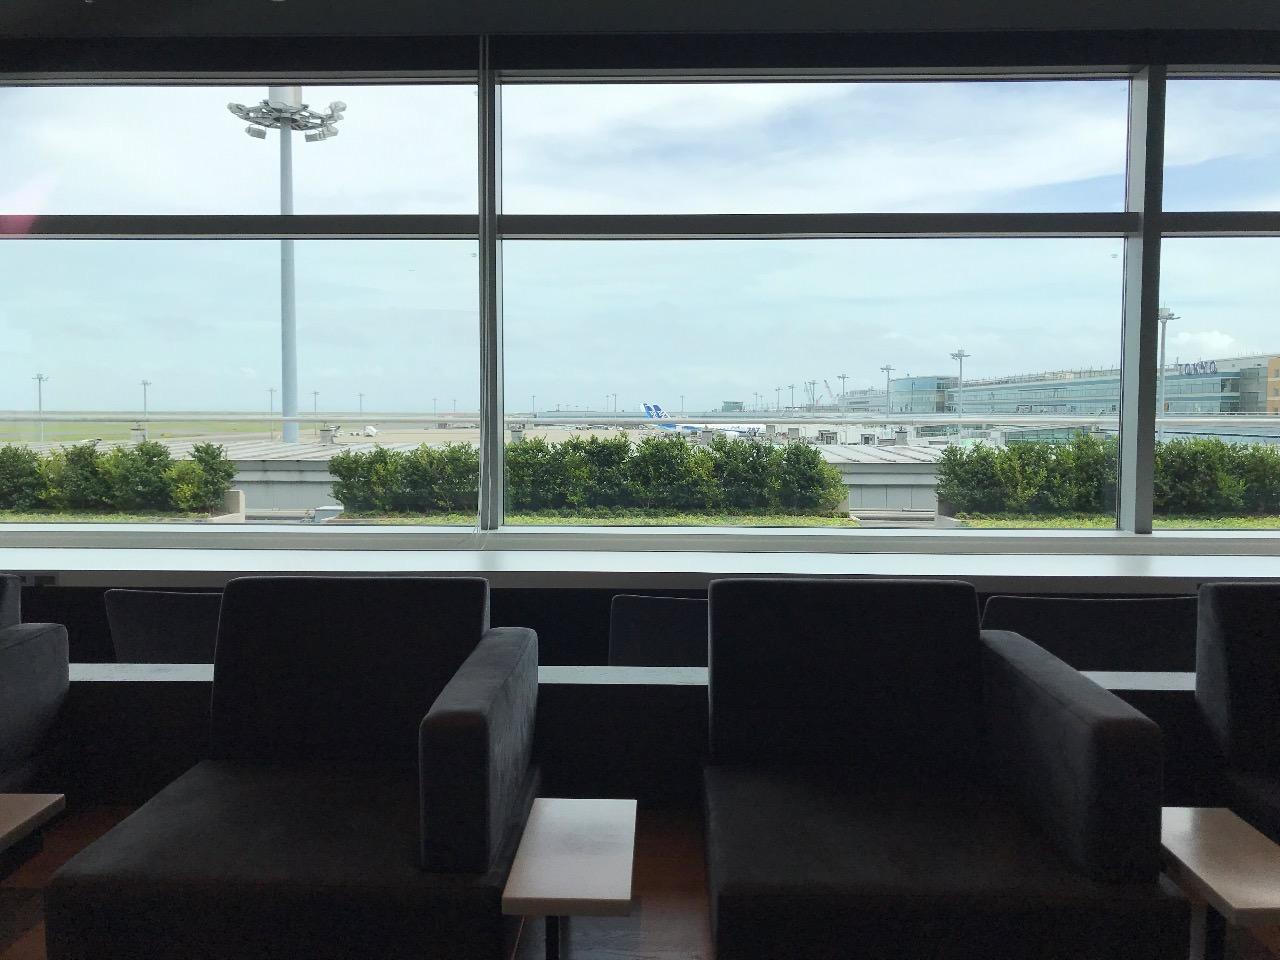 楽天ゴールドカード 空港ラウンジ 窓の外の景色